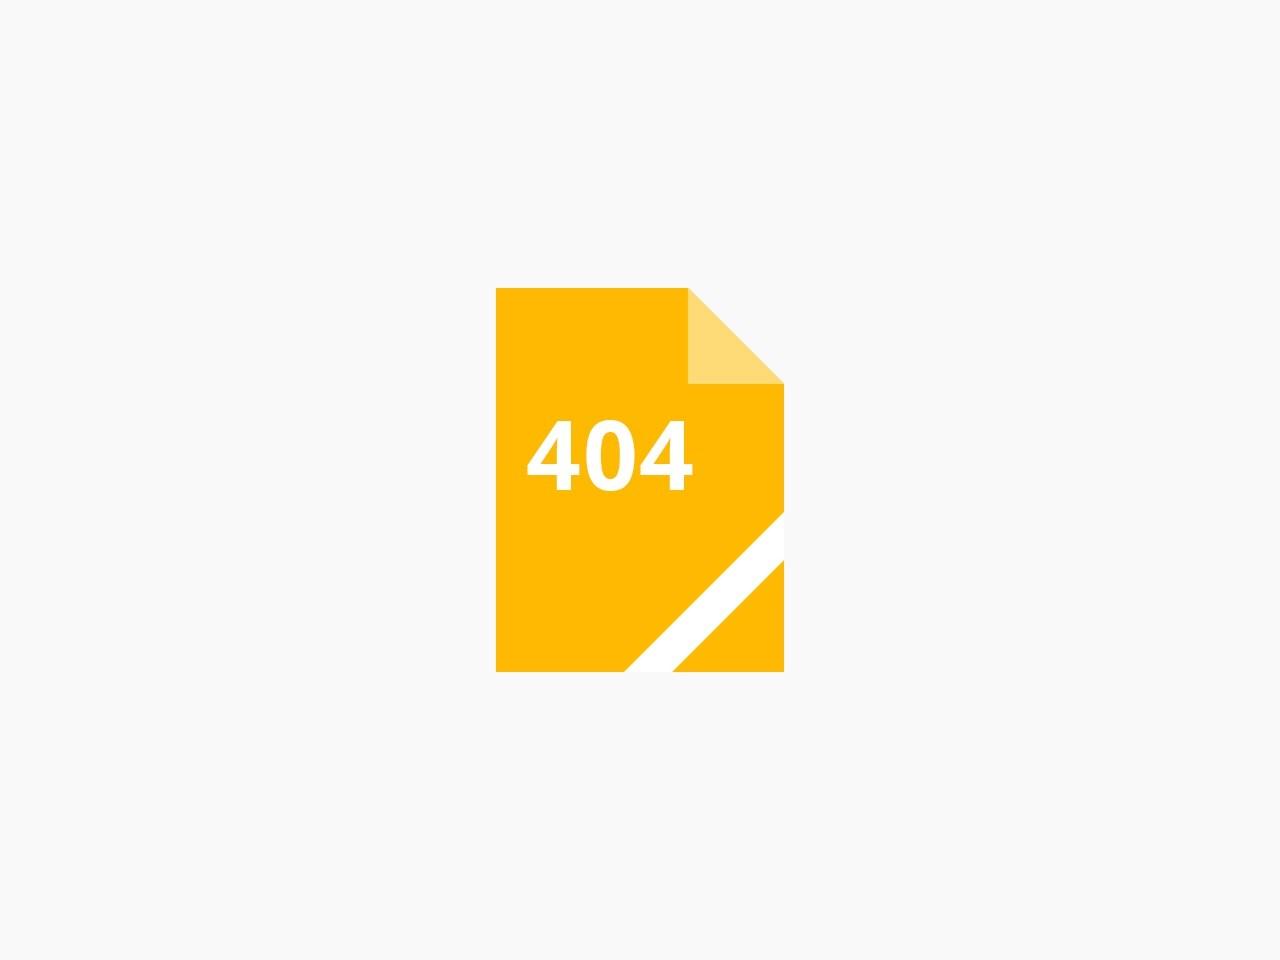 百图汇素材网_素材网,图片下载,优质的中国素材网站